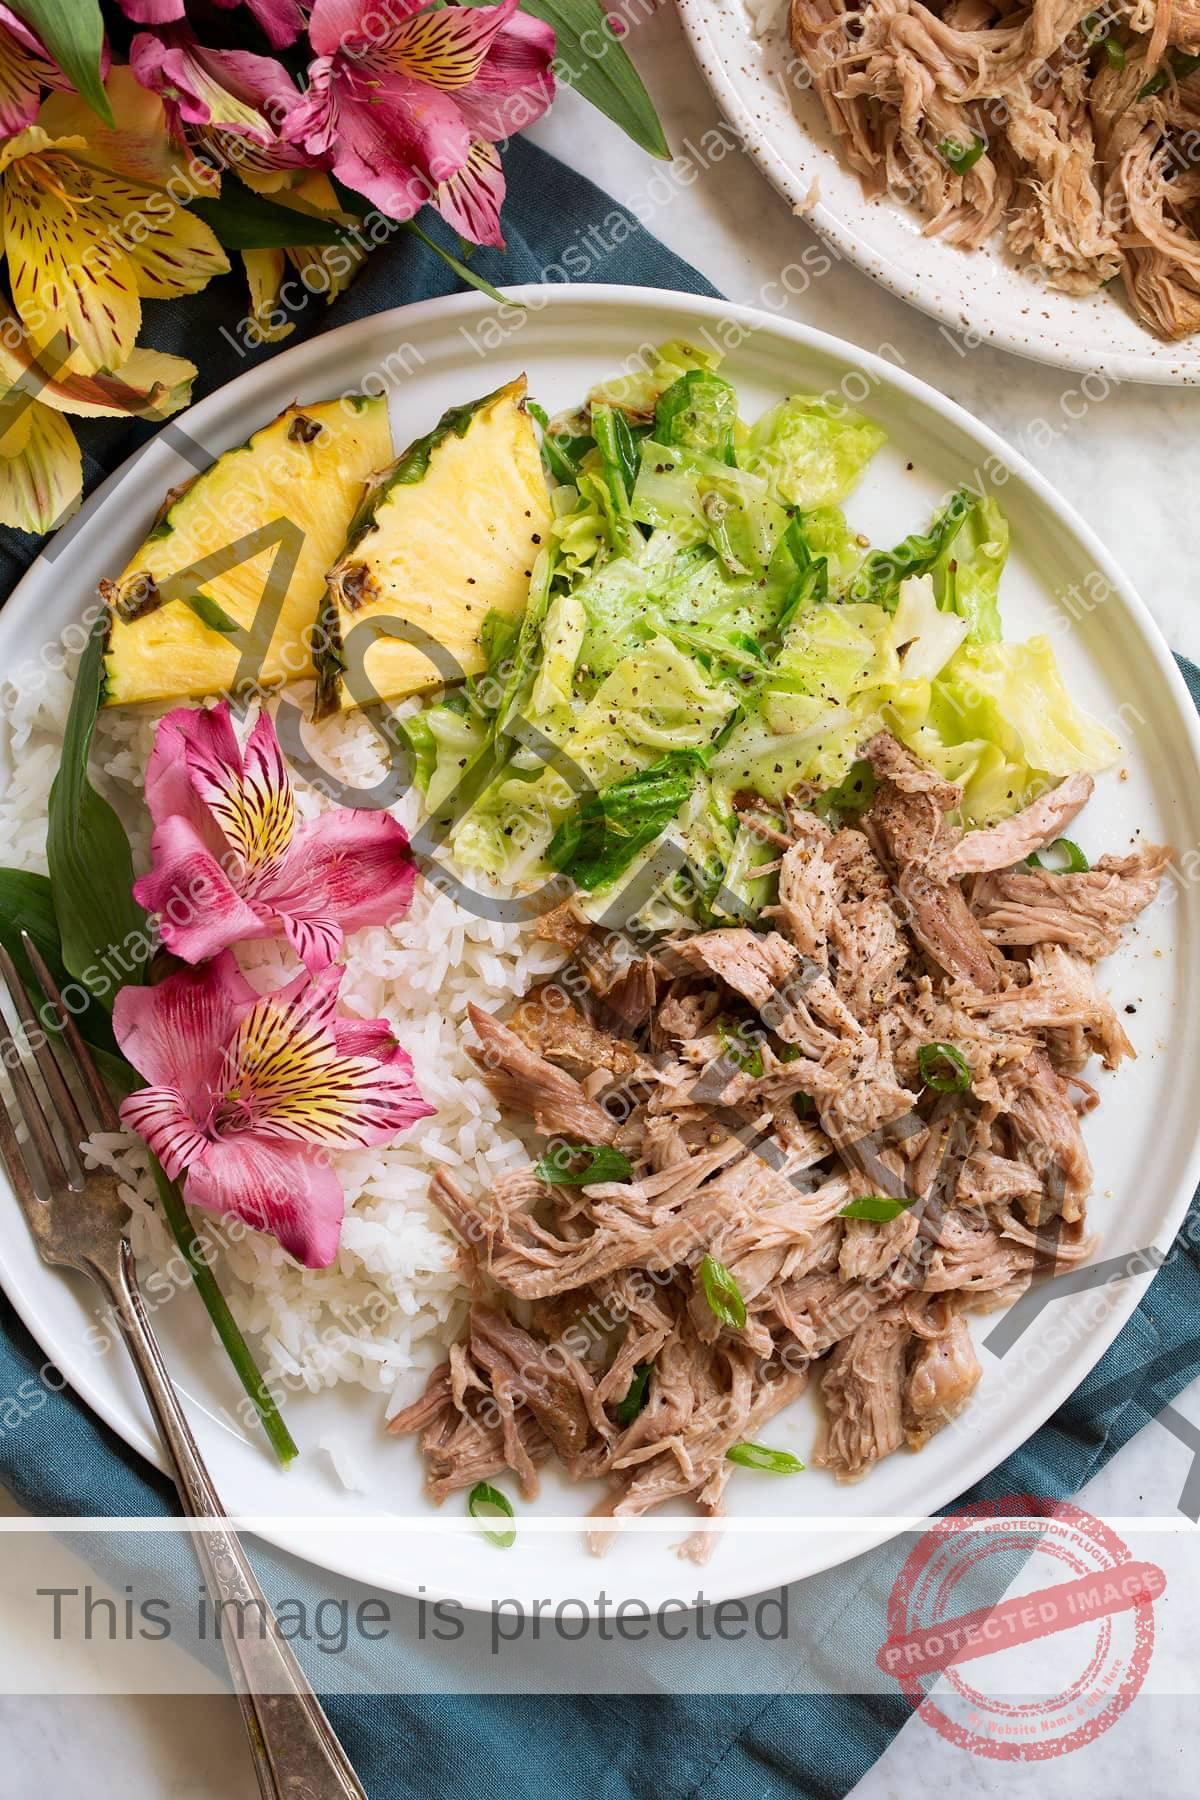 Porción única de cerdo kalua desmenuzado en un plato de servir blanco, ilustrado con arroz blanco, repollo estofado, piña fresca y flores.